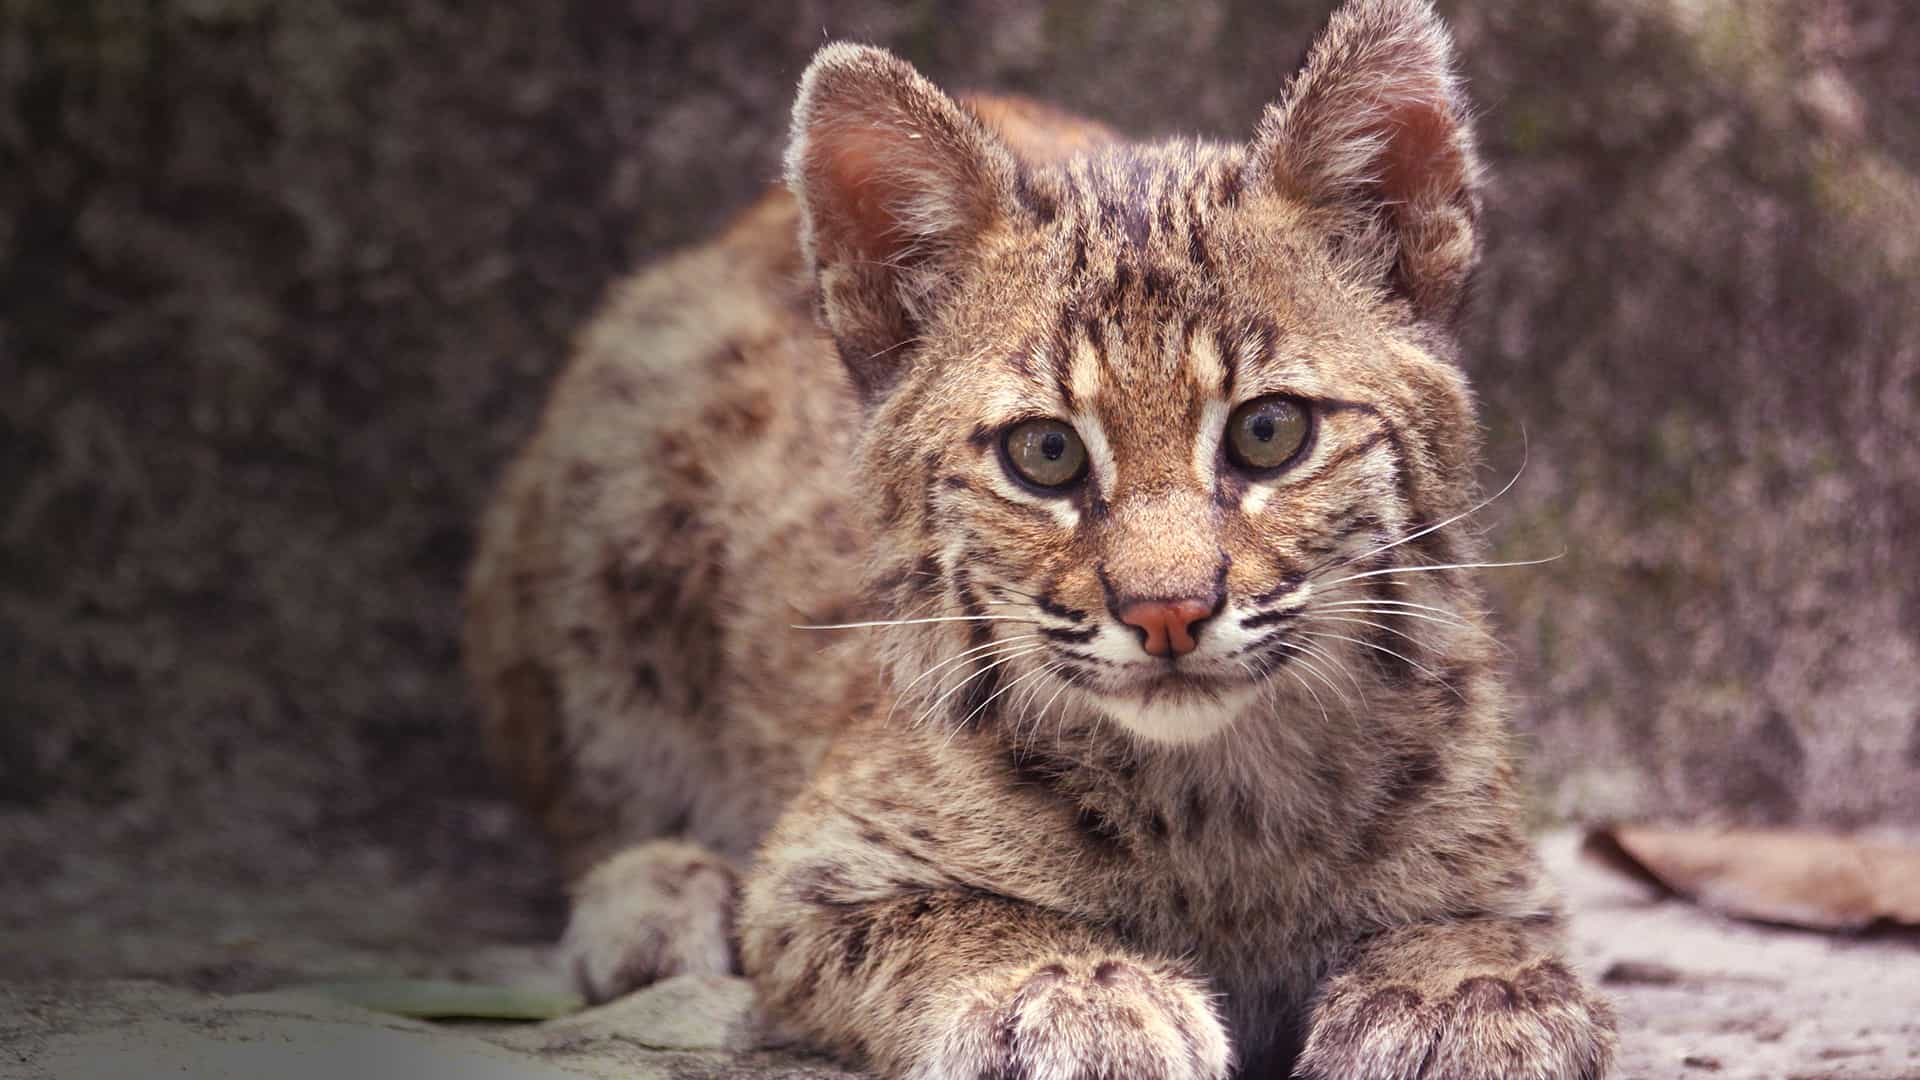 Bobcat Rehab Live Camera Live From Big Cat Rescue Explore Org